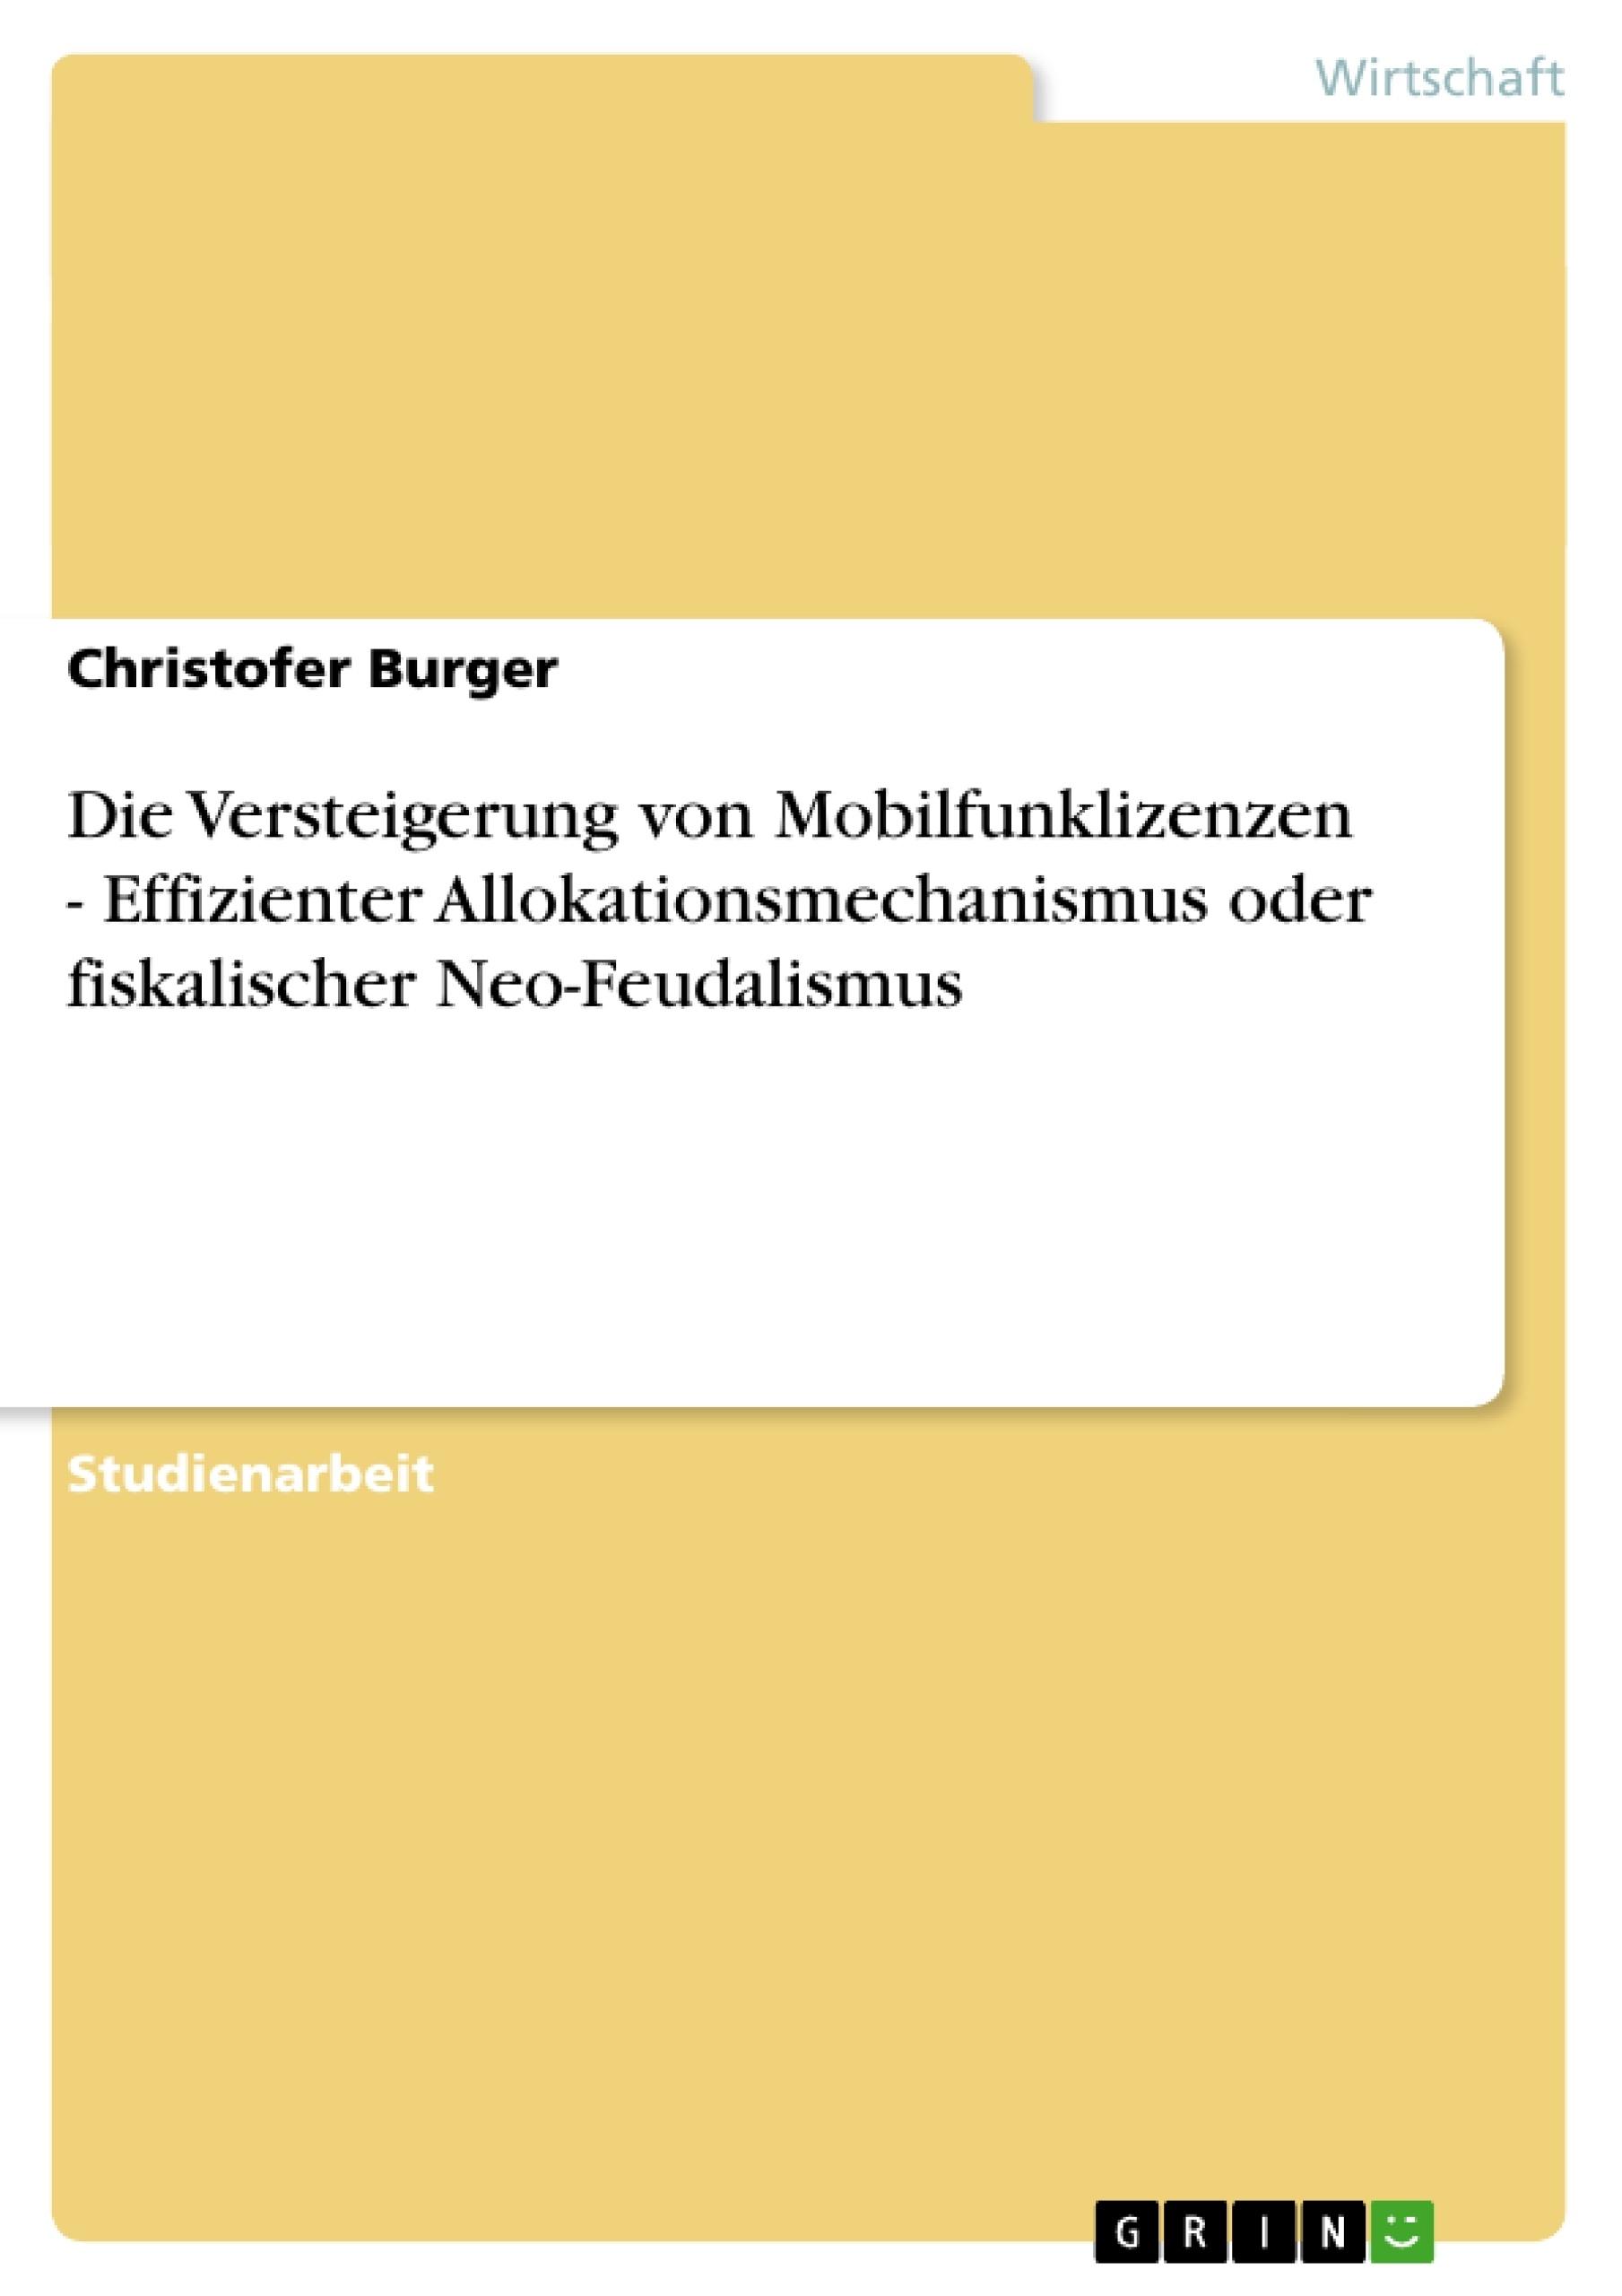 Titel: Die Versteigerung von Mobilfunklizenzen - Effizienter Allokationsmechanismus oder fiskalischer Neo-Feudalismus